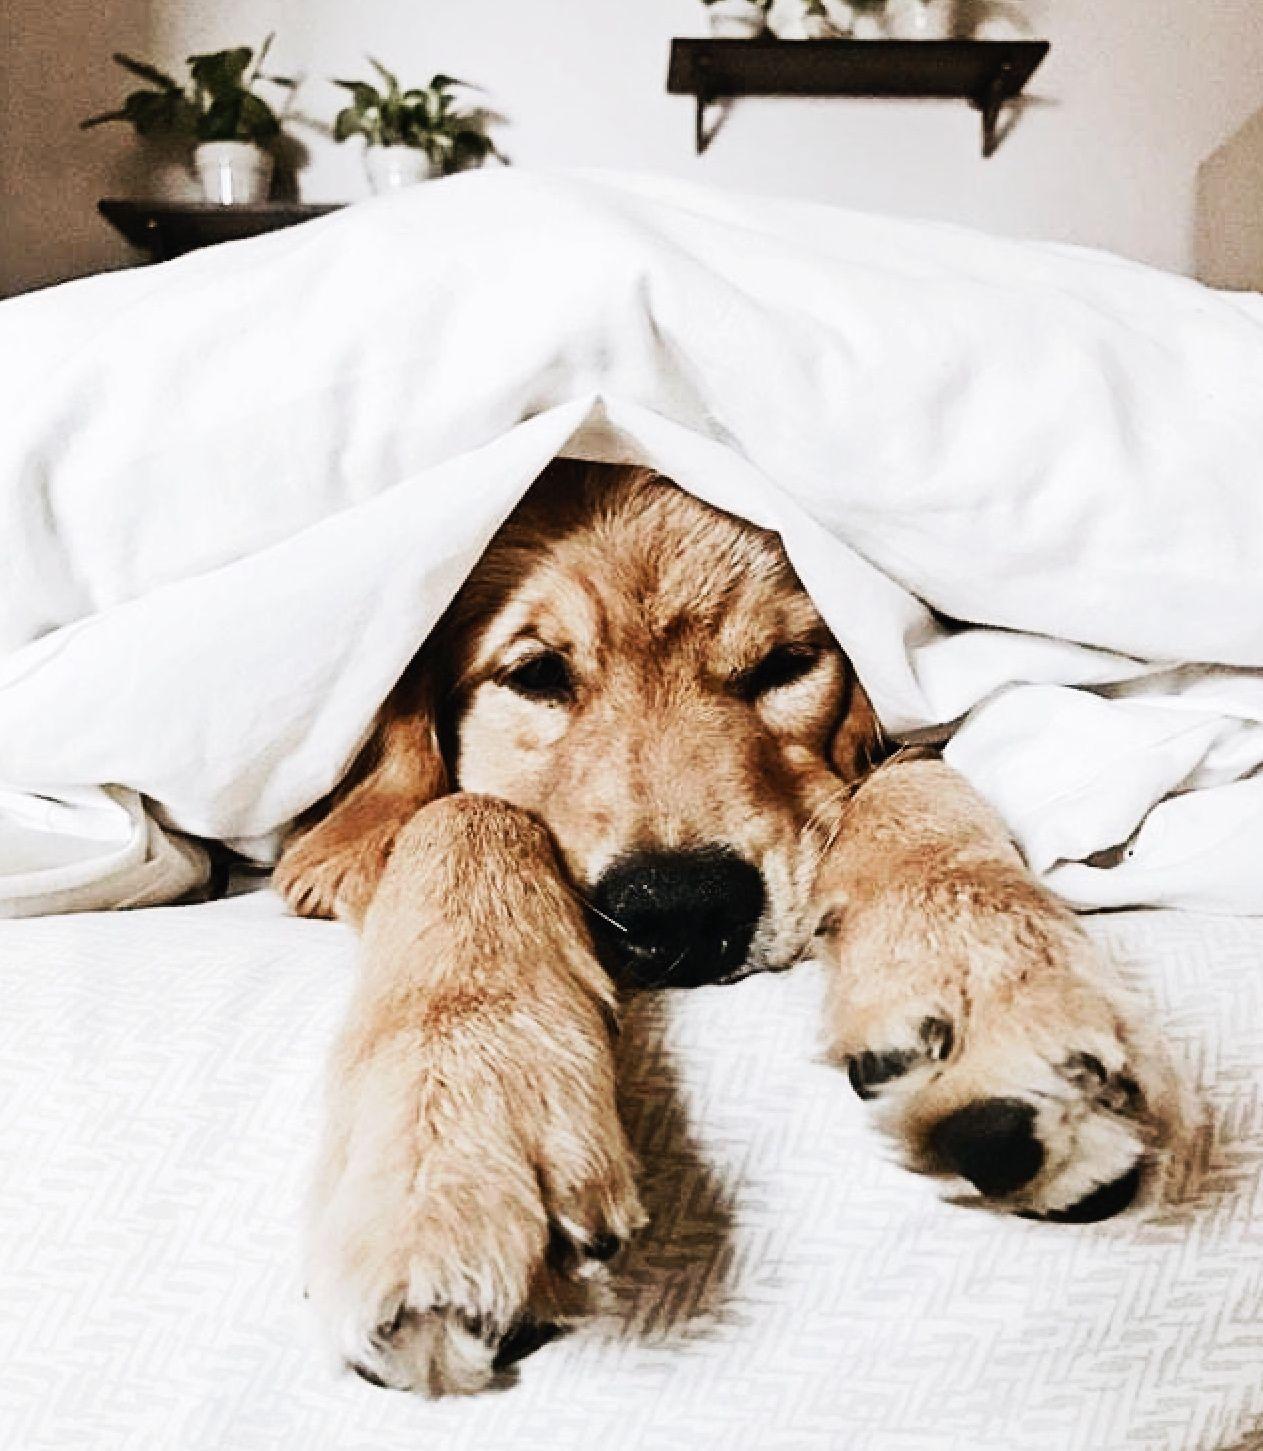 Zeig Mir Hundebilder Für Facebook - Zeig Mir Hundebilder Für Facebook